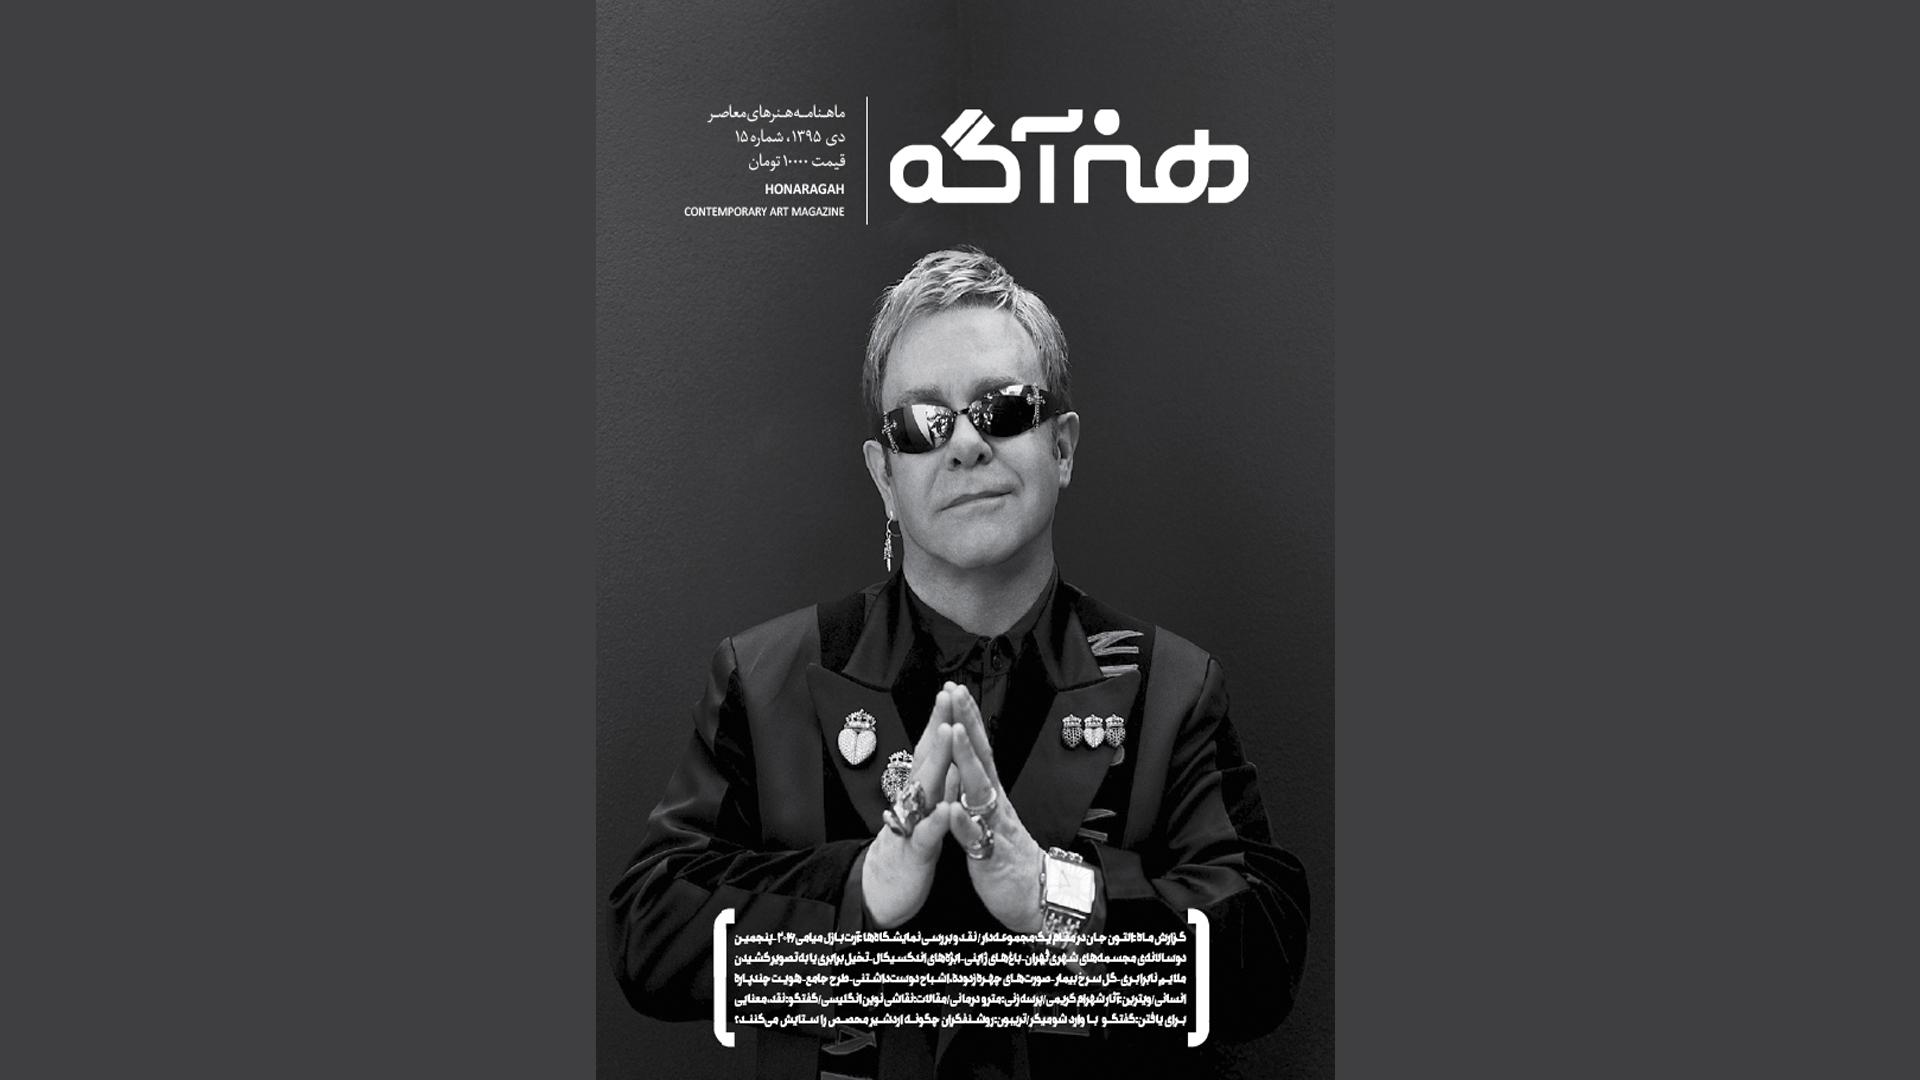 رو جلد شماره۱۵ برای سایت